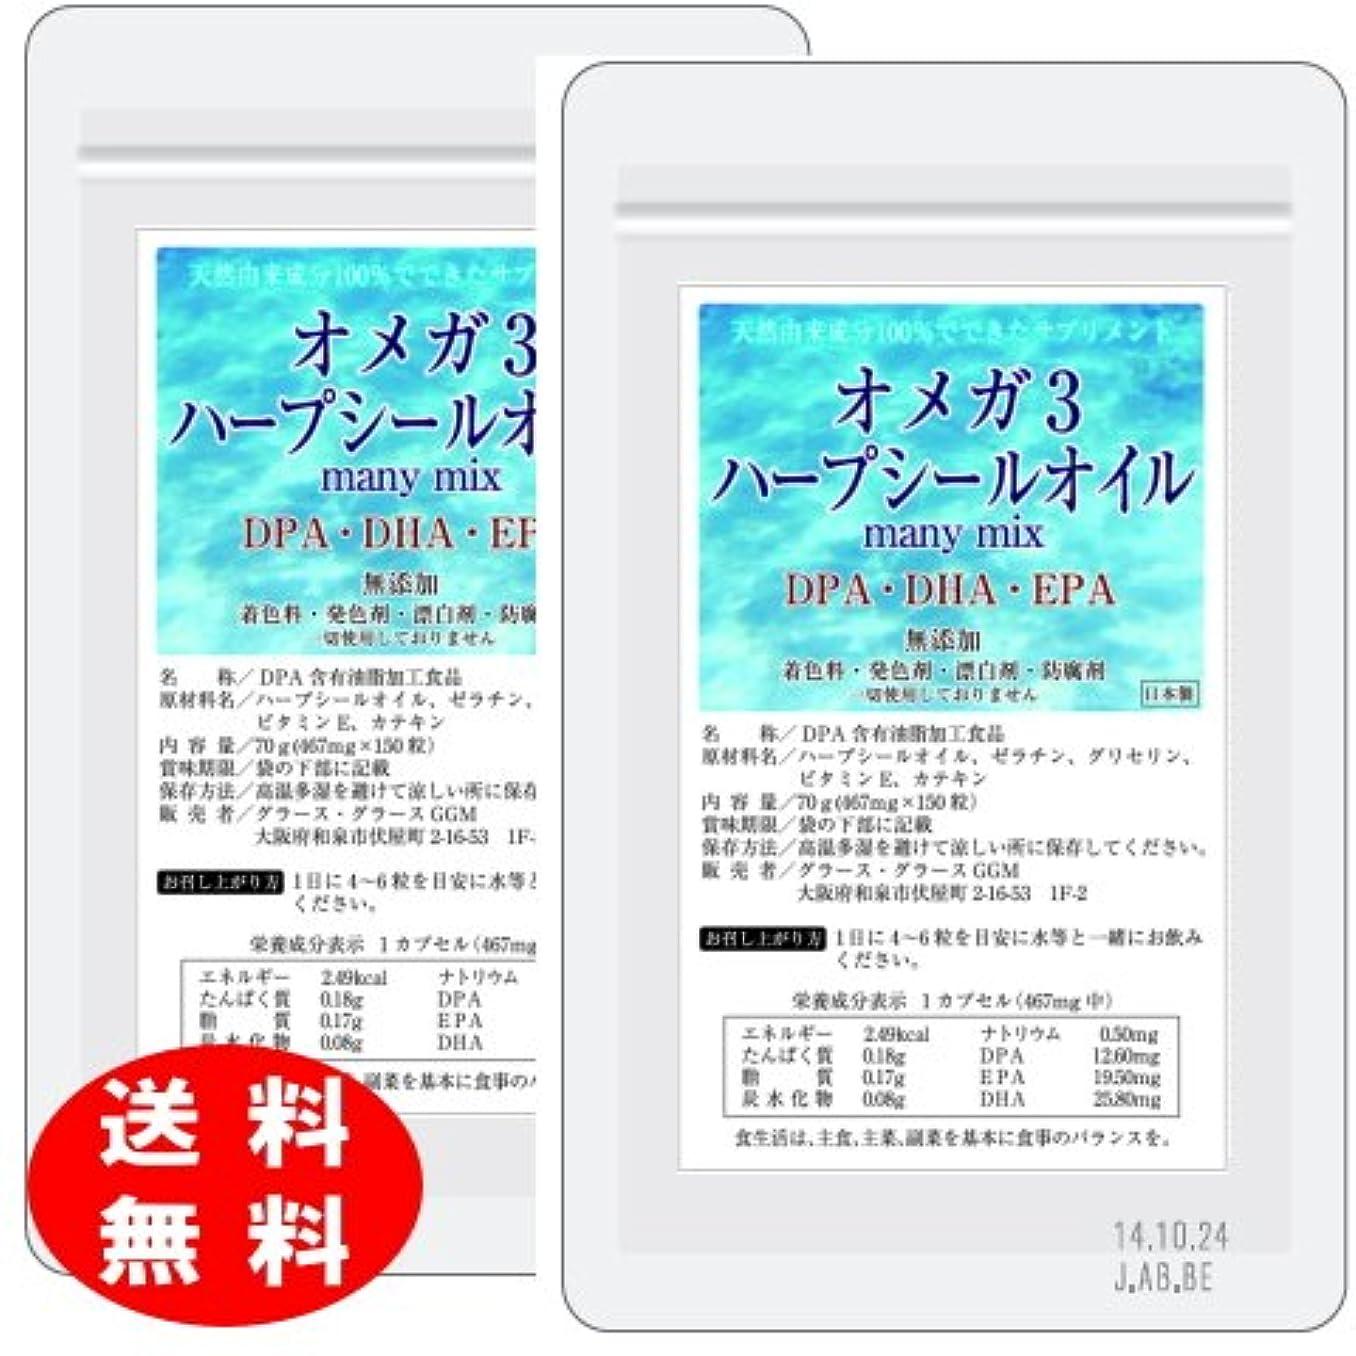 土不従順親密なオメガ3 ハープシールオイル(アザラシオイル) many mix 150粒 2袋セット